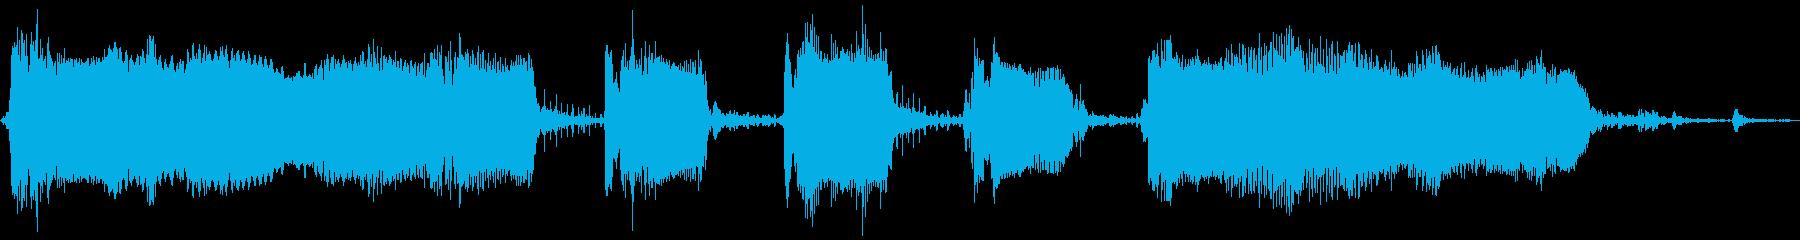 【エレキ ギター】ワウペダルの再生済みの波形